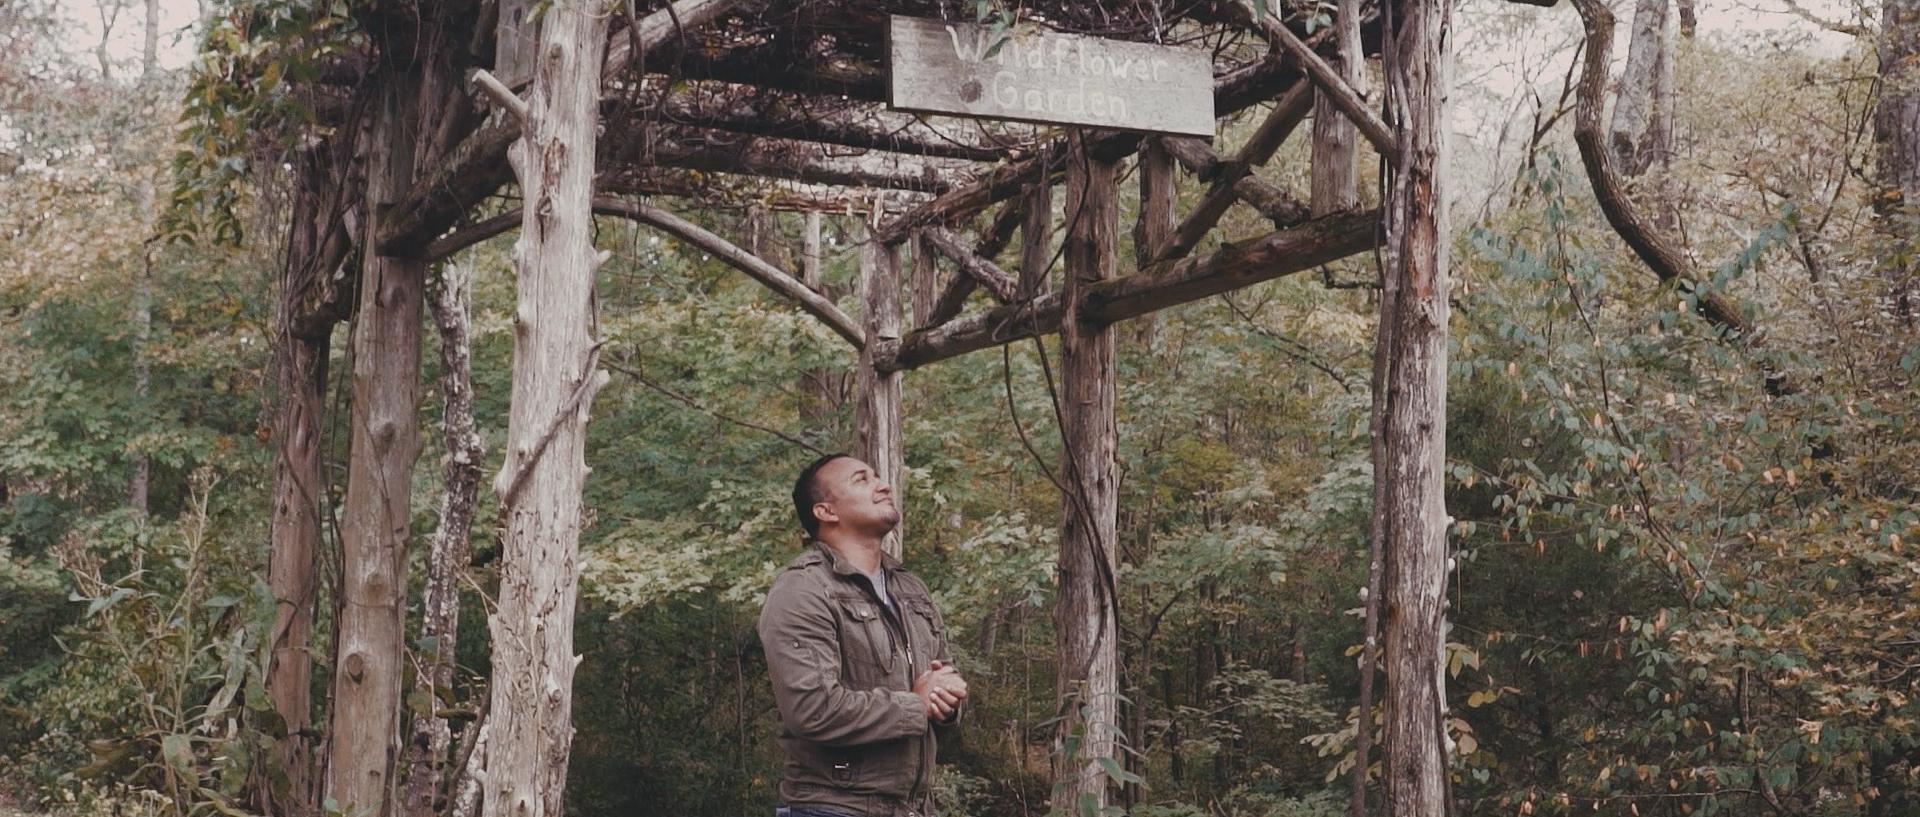 Stills - Cinema - Dp - Frame- Cinematographer - Miguel Bautista - Production - Filmmaking - Cine 016.jpg